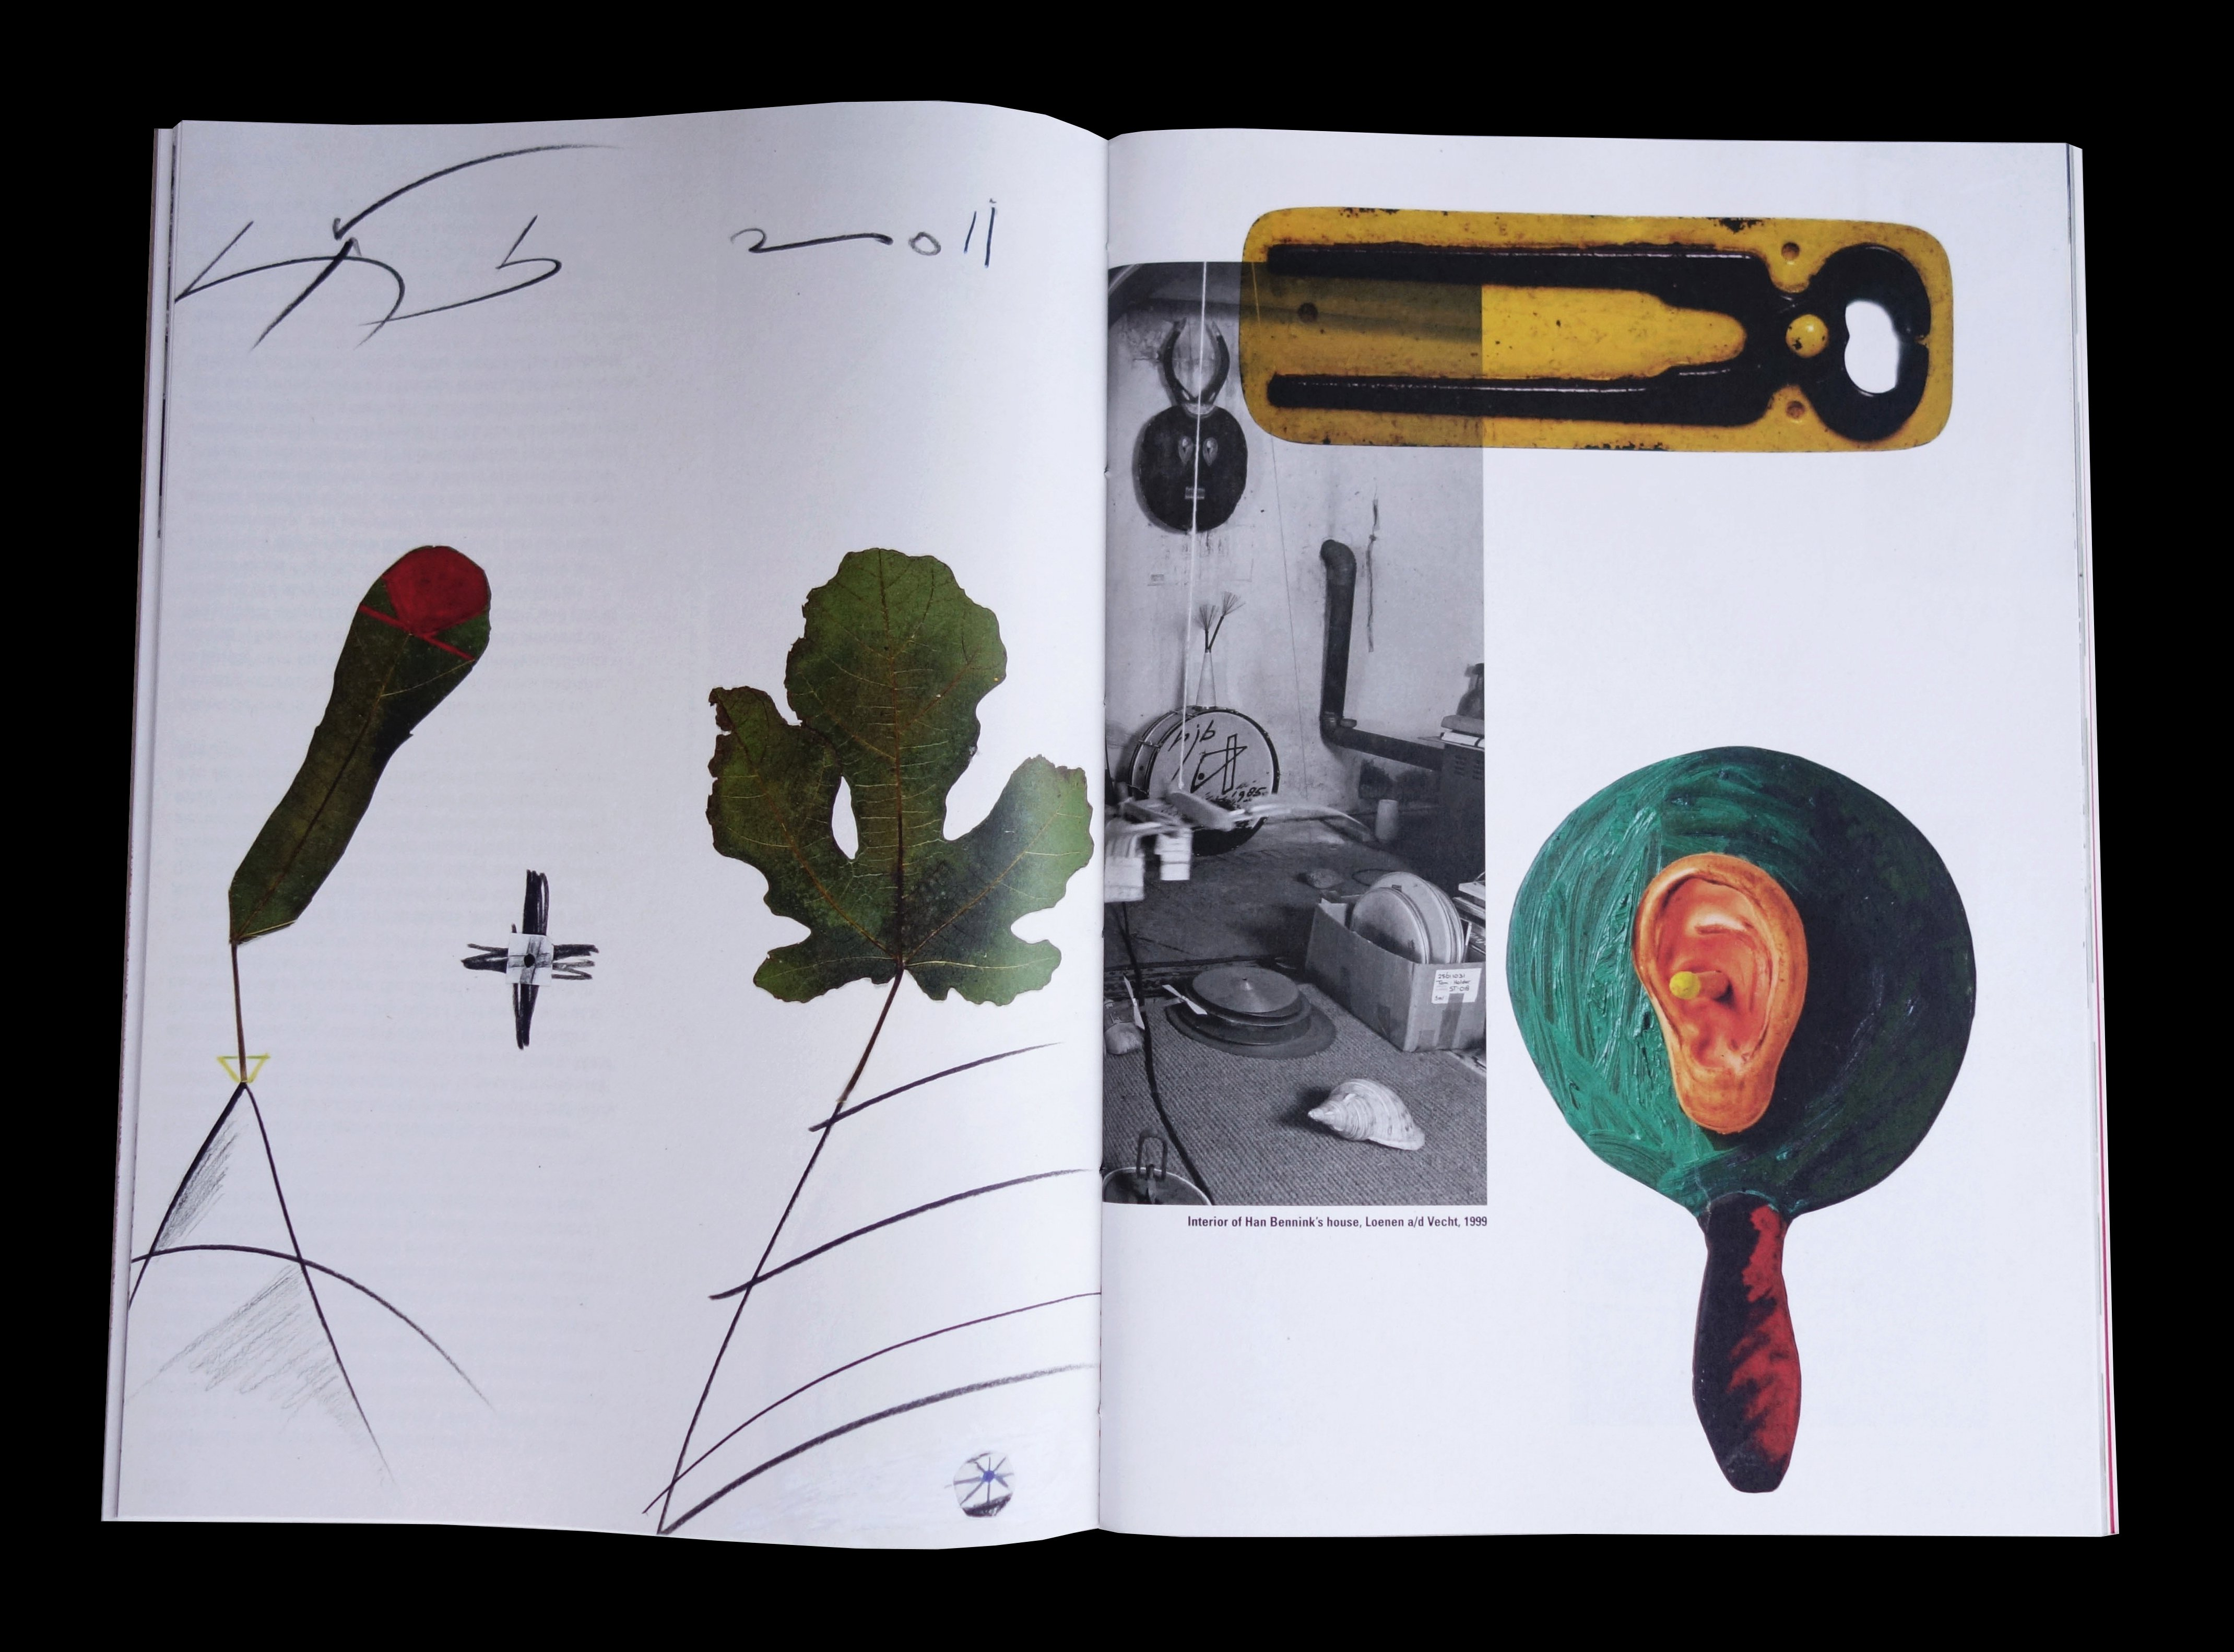 Twee pagina's uit het boek Han Bennink in samenwerking met Irma Boom. De Monsterkamer - Een interview met Tariq Heijboer